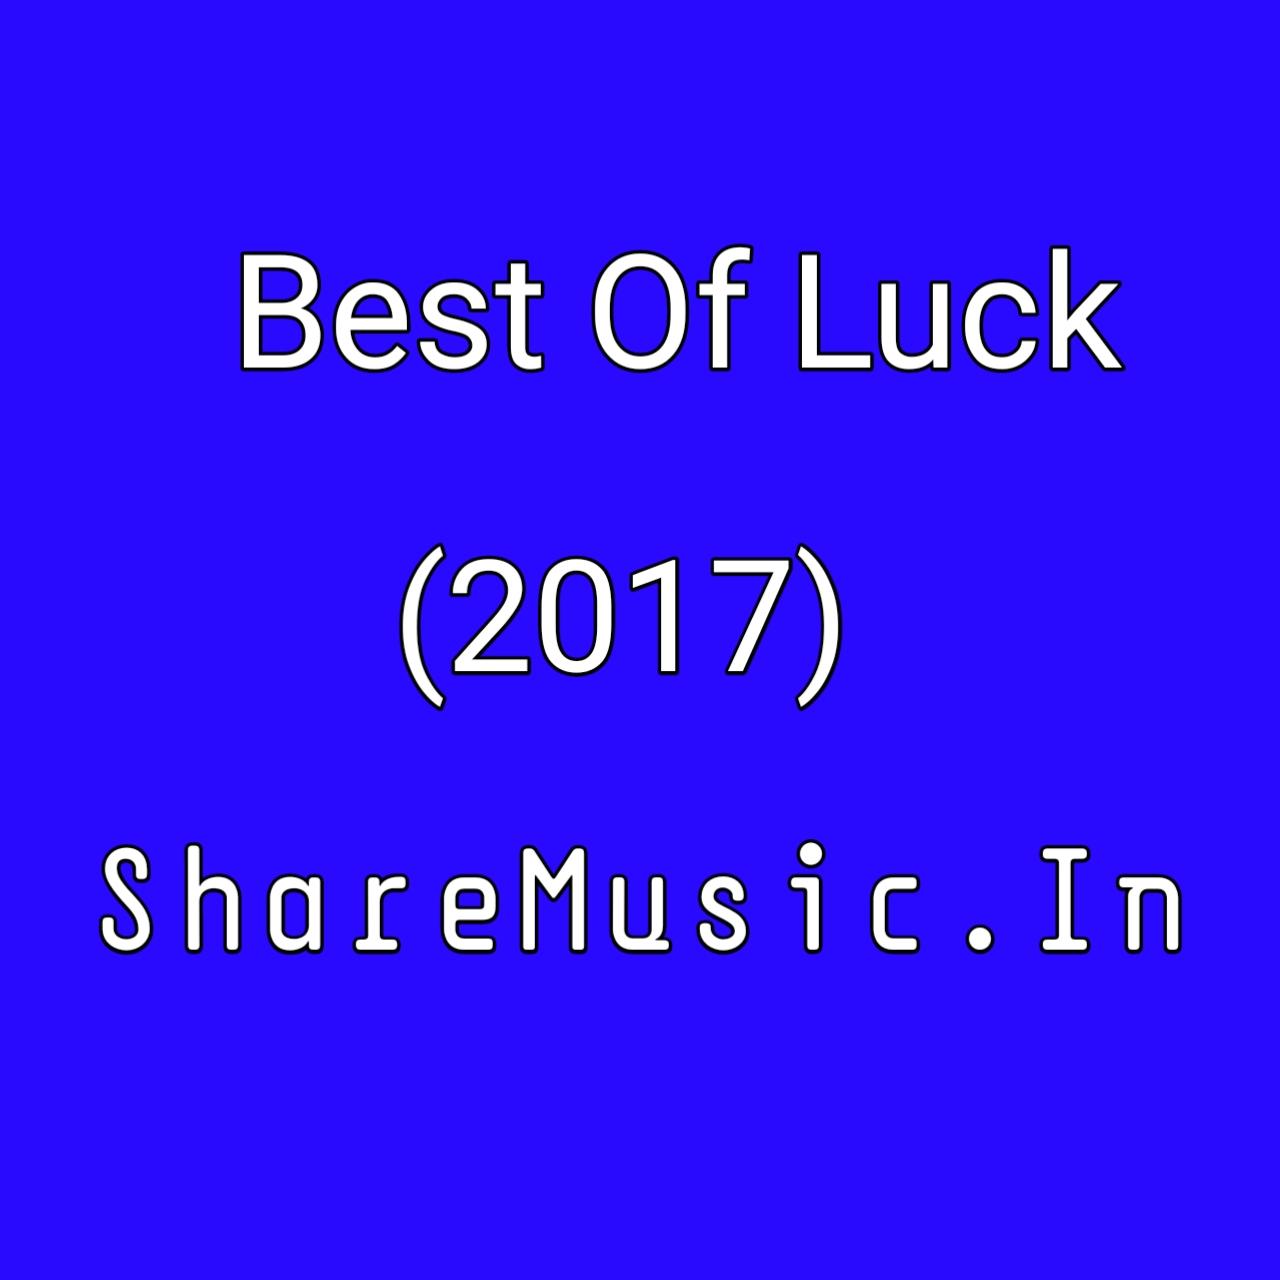 Pan Rasiya (Best Of Luck)